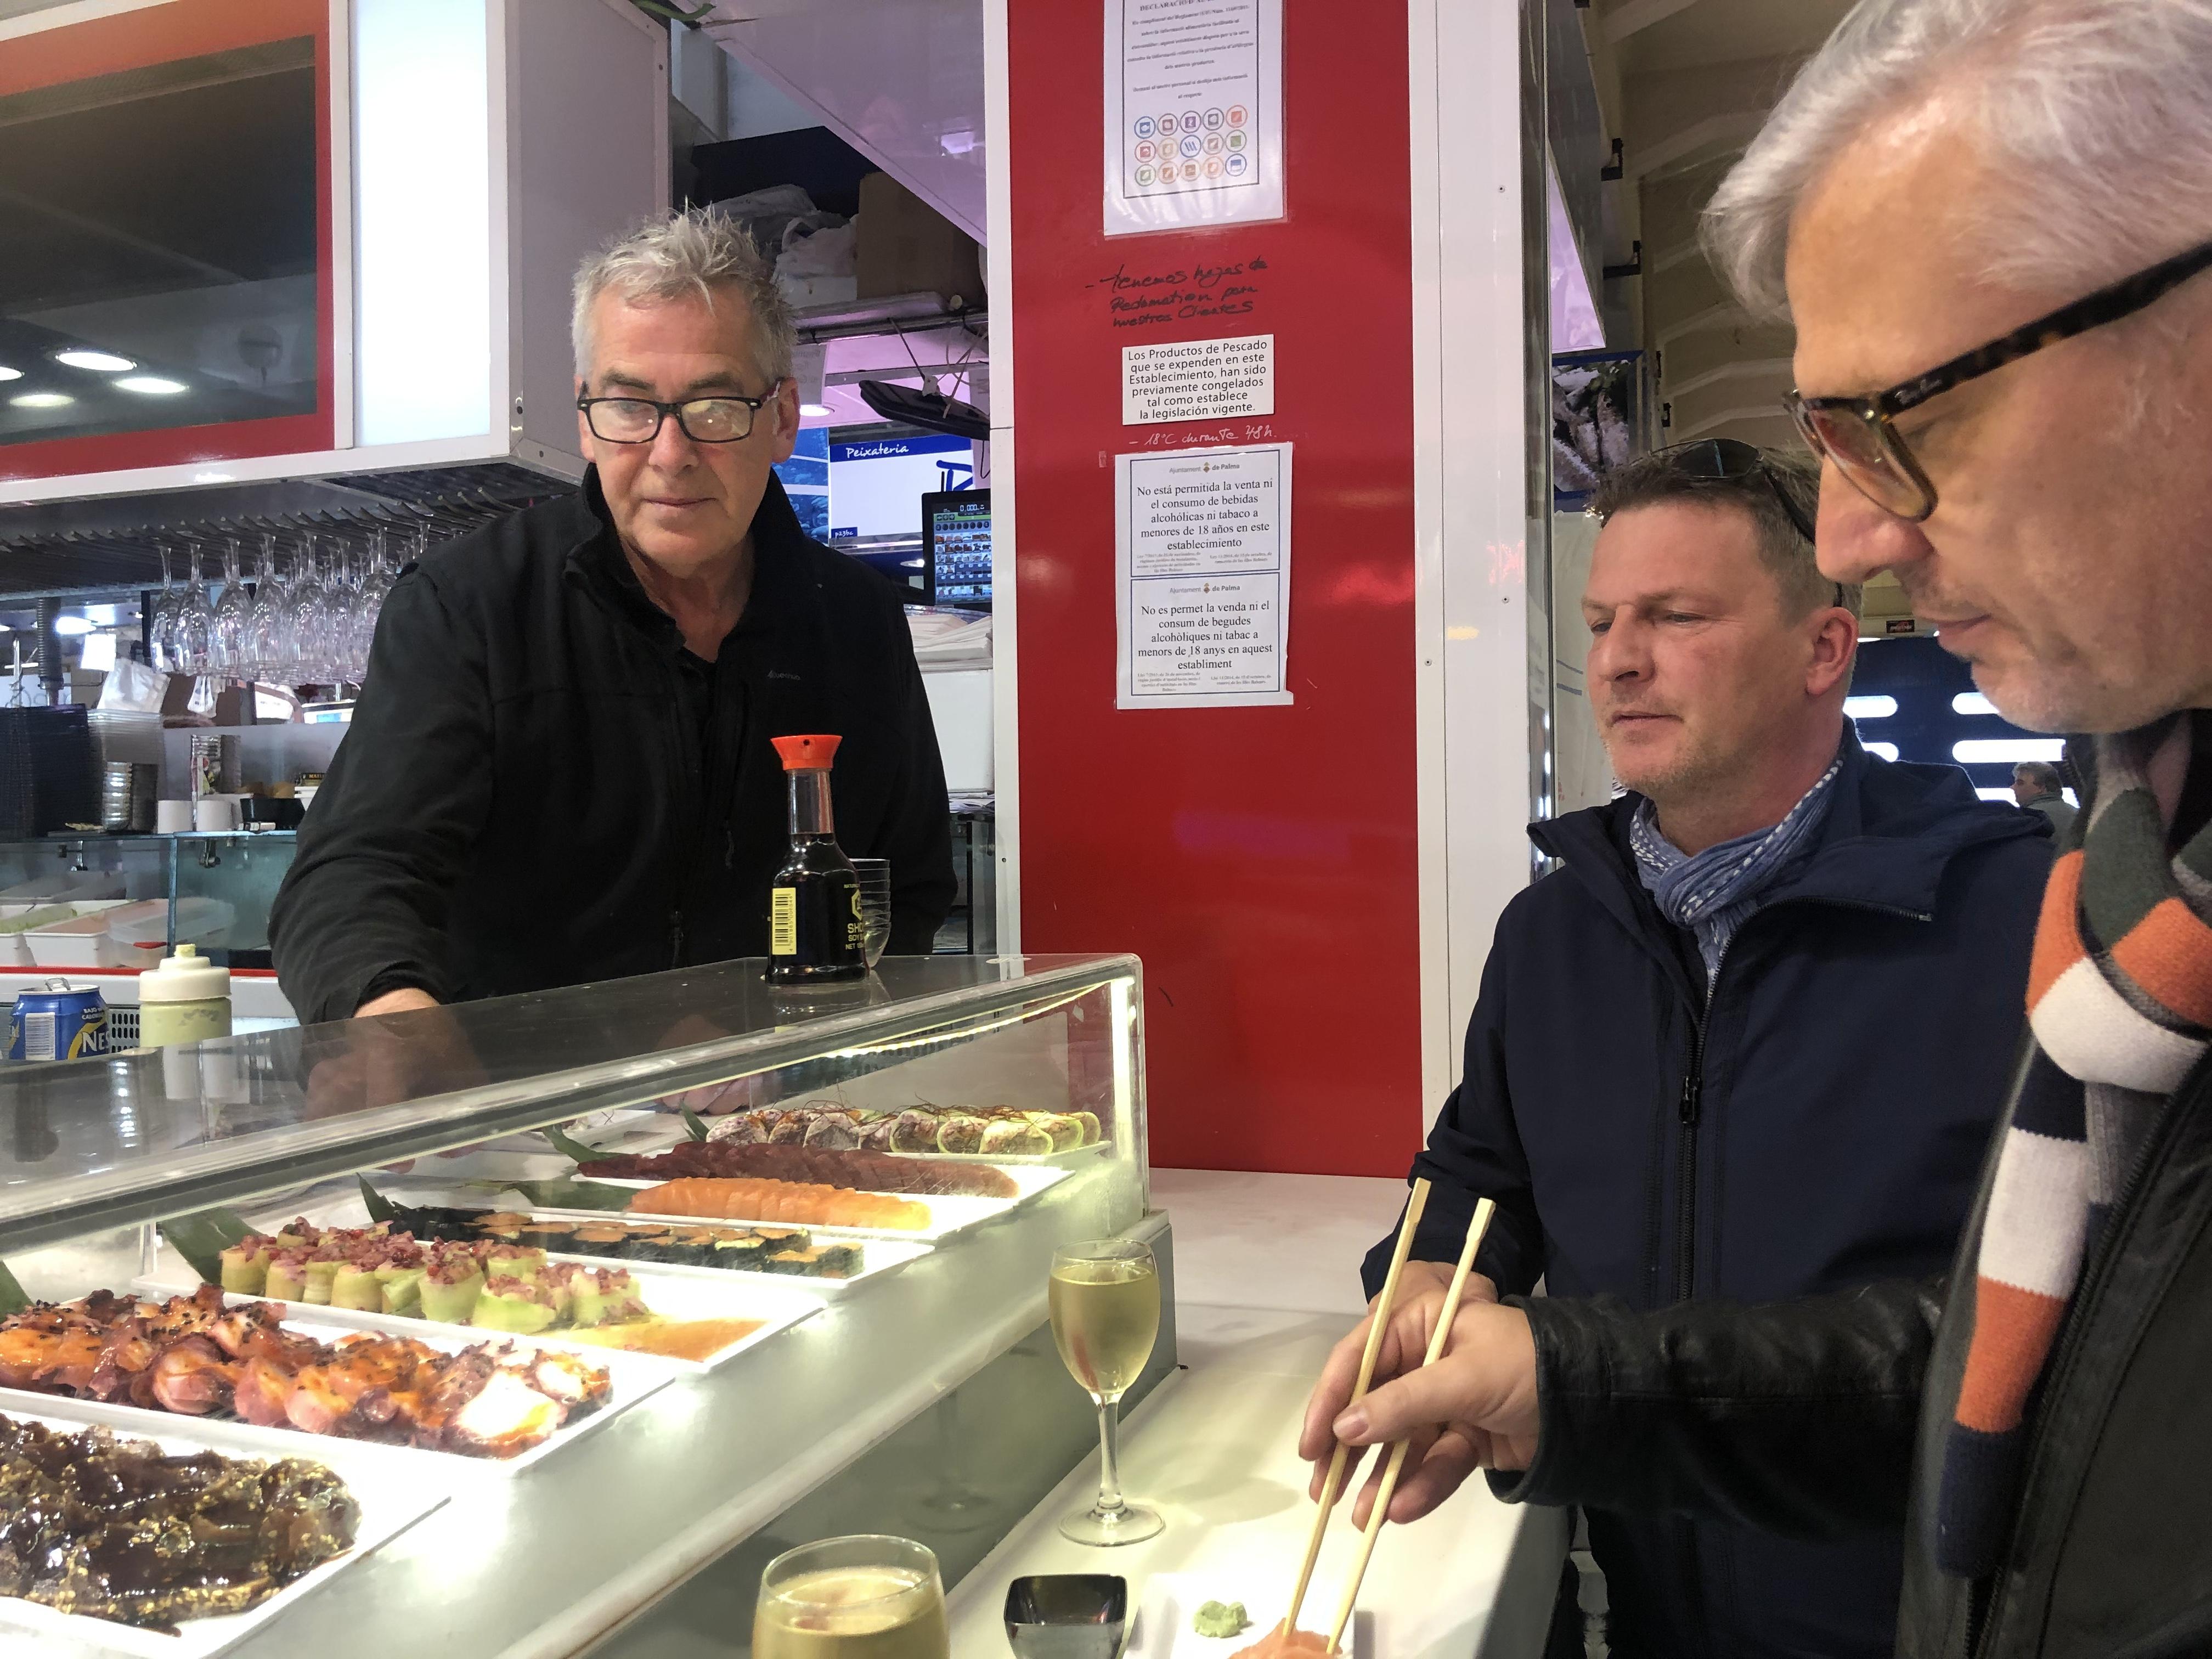 Sushi-Päuschen am Stand von Thomas Wilden (l.). Für Felix Götze (r.) und Sven Rasch (Mitte) ist der Markt de L'Olivar ein Ort der Begegnungen und der regionalen Kulinarik. Foto: © DHB